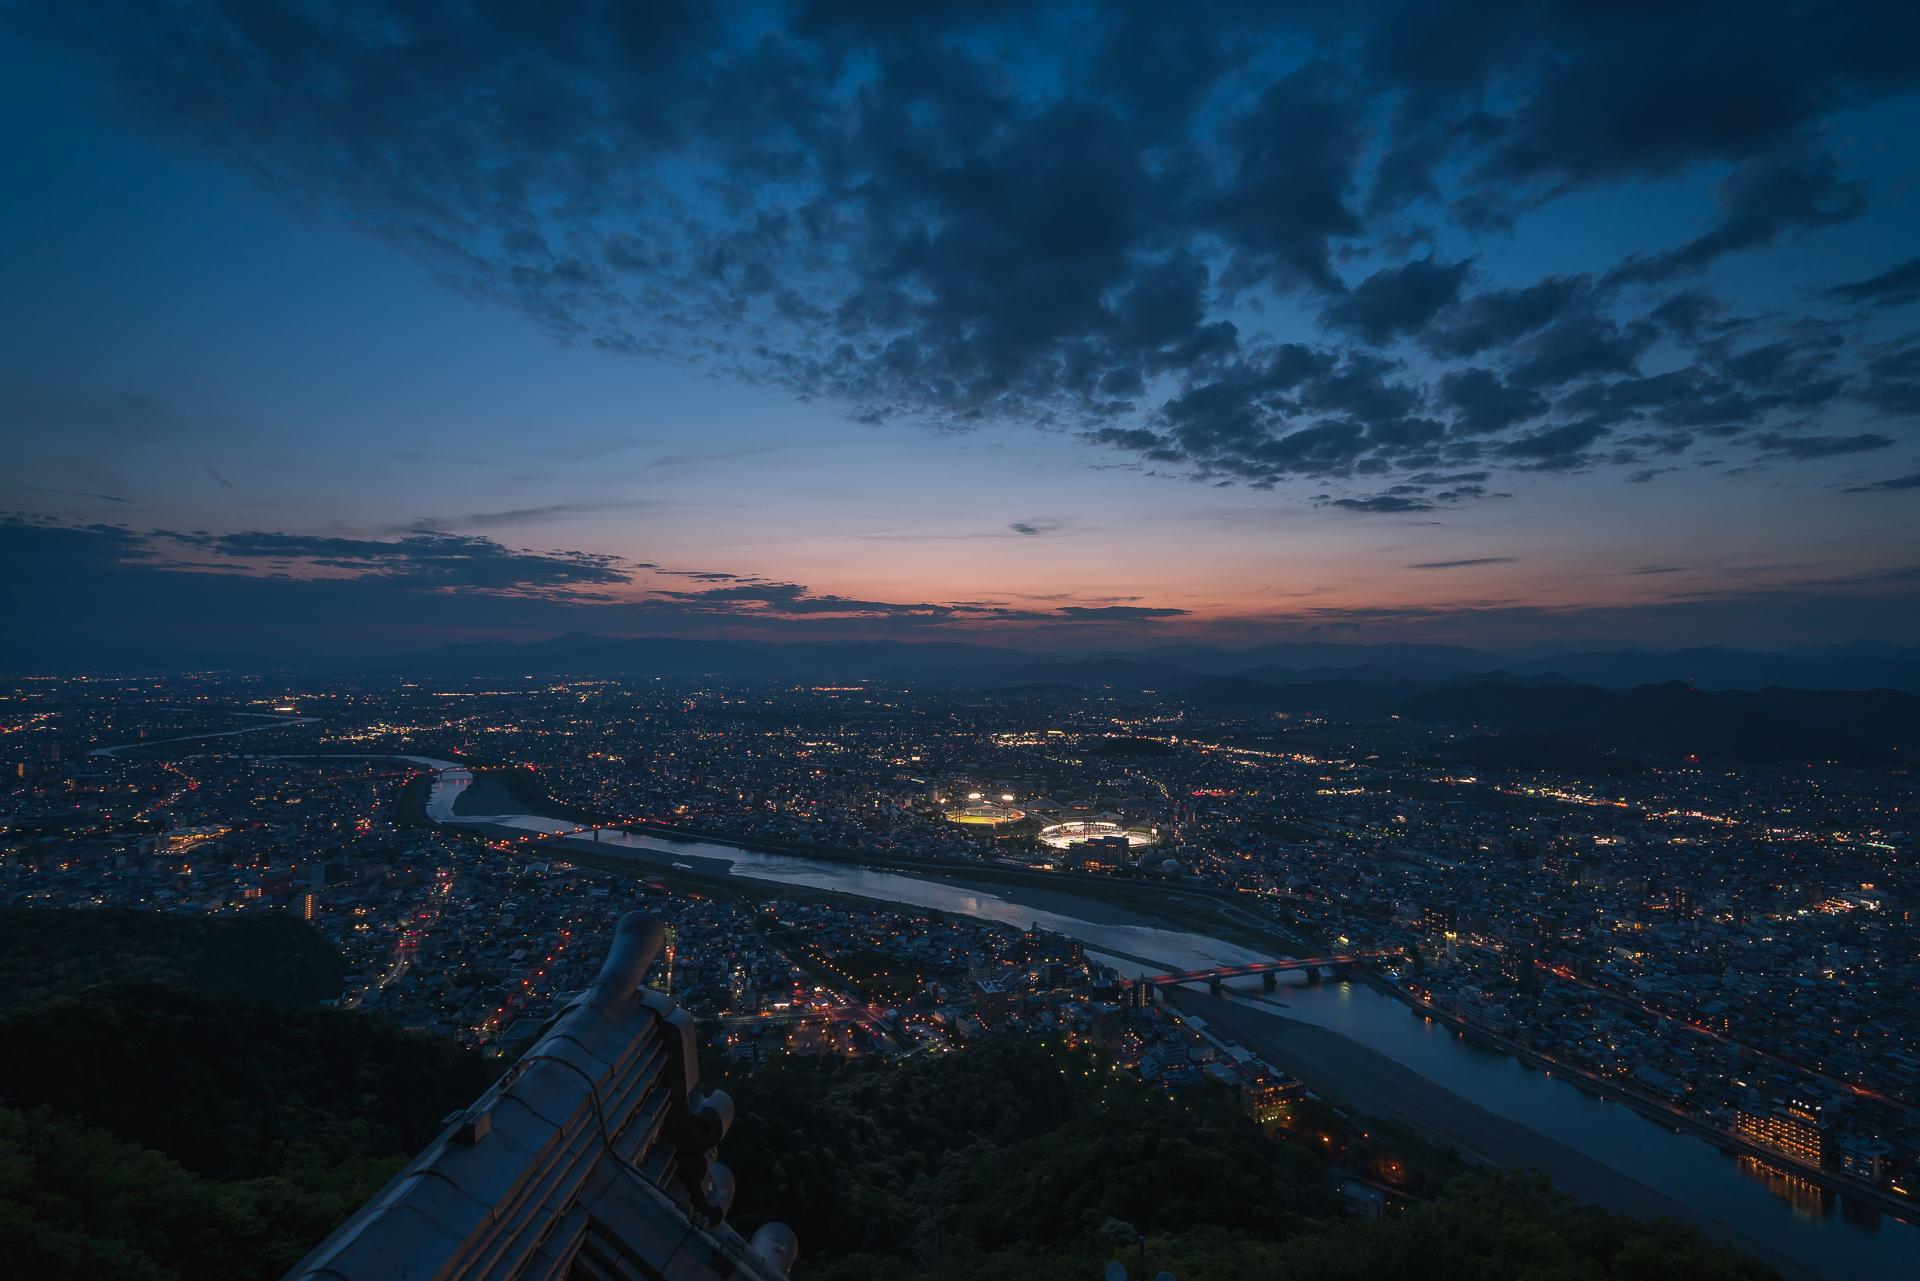 岐阜県「金華山・岐阜城(夜景)」の行き方と撮影スポット